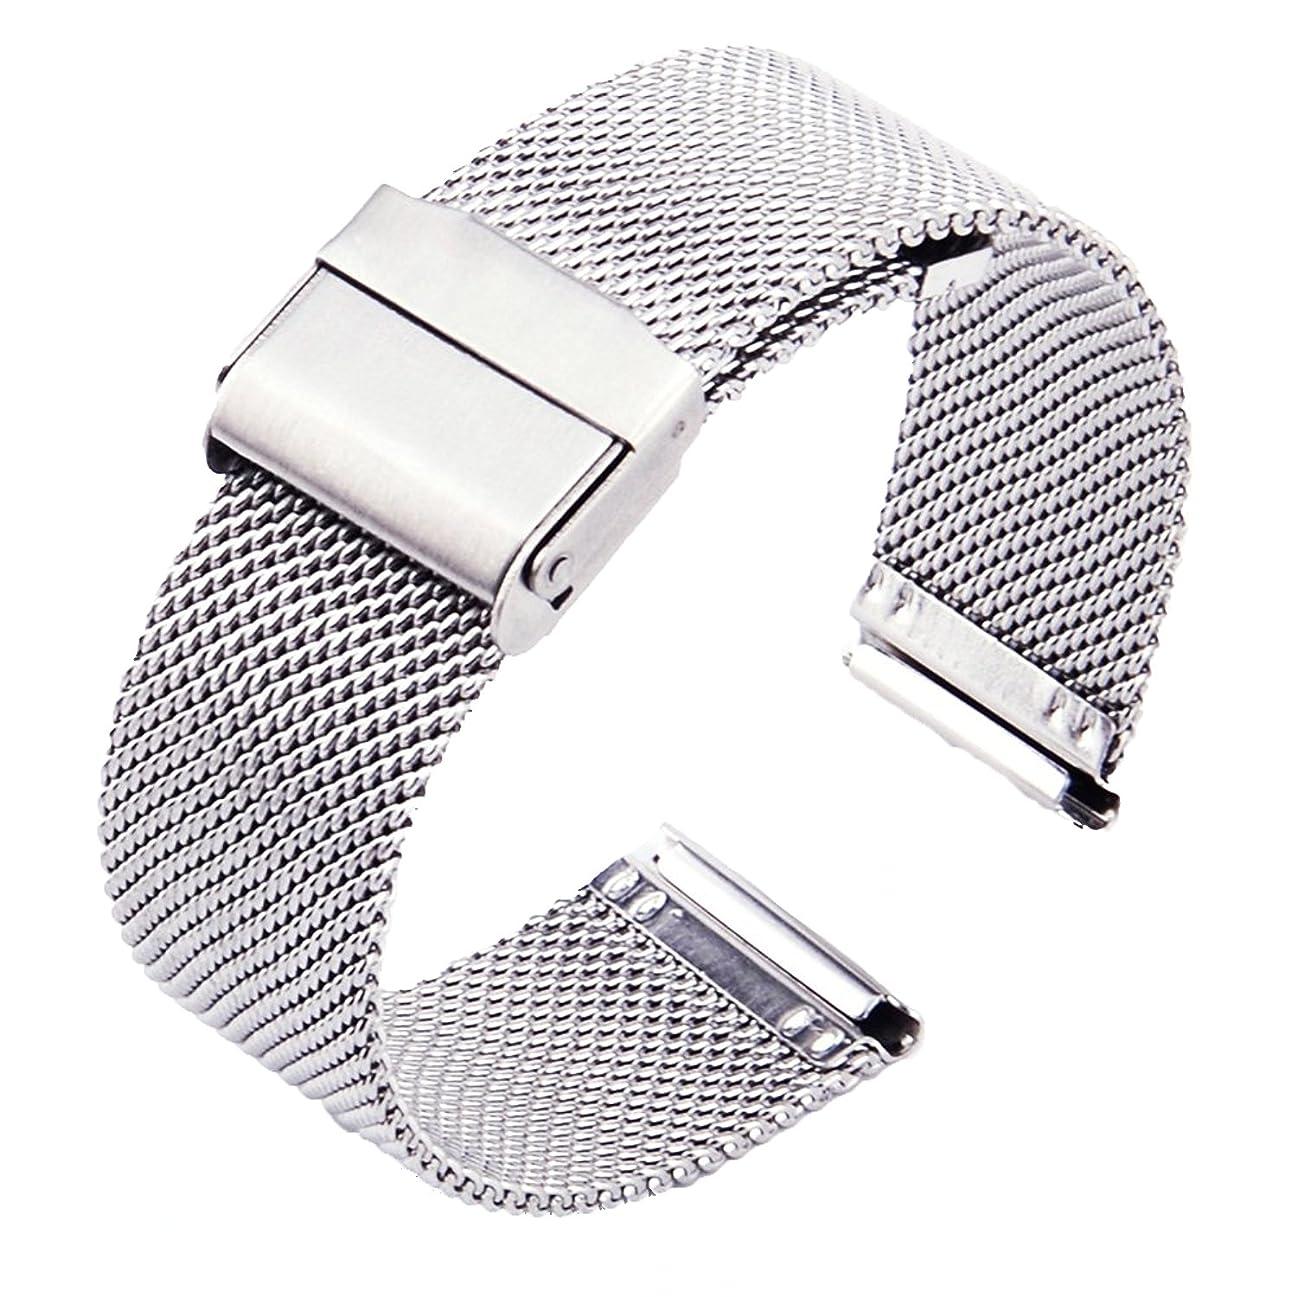 裕福な遠征根拠【4サイズセット】腕 時計 修理 用 裏蓋 こじ開け 工具 ドライバー